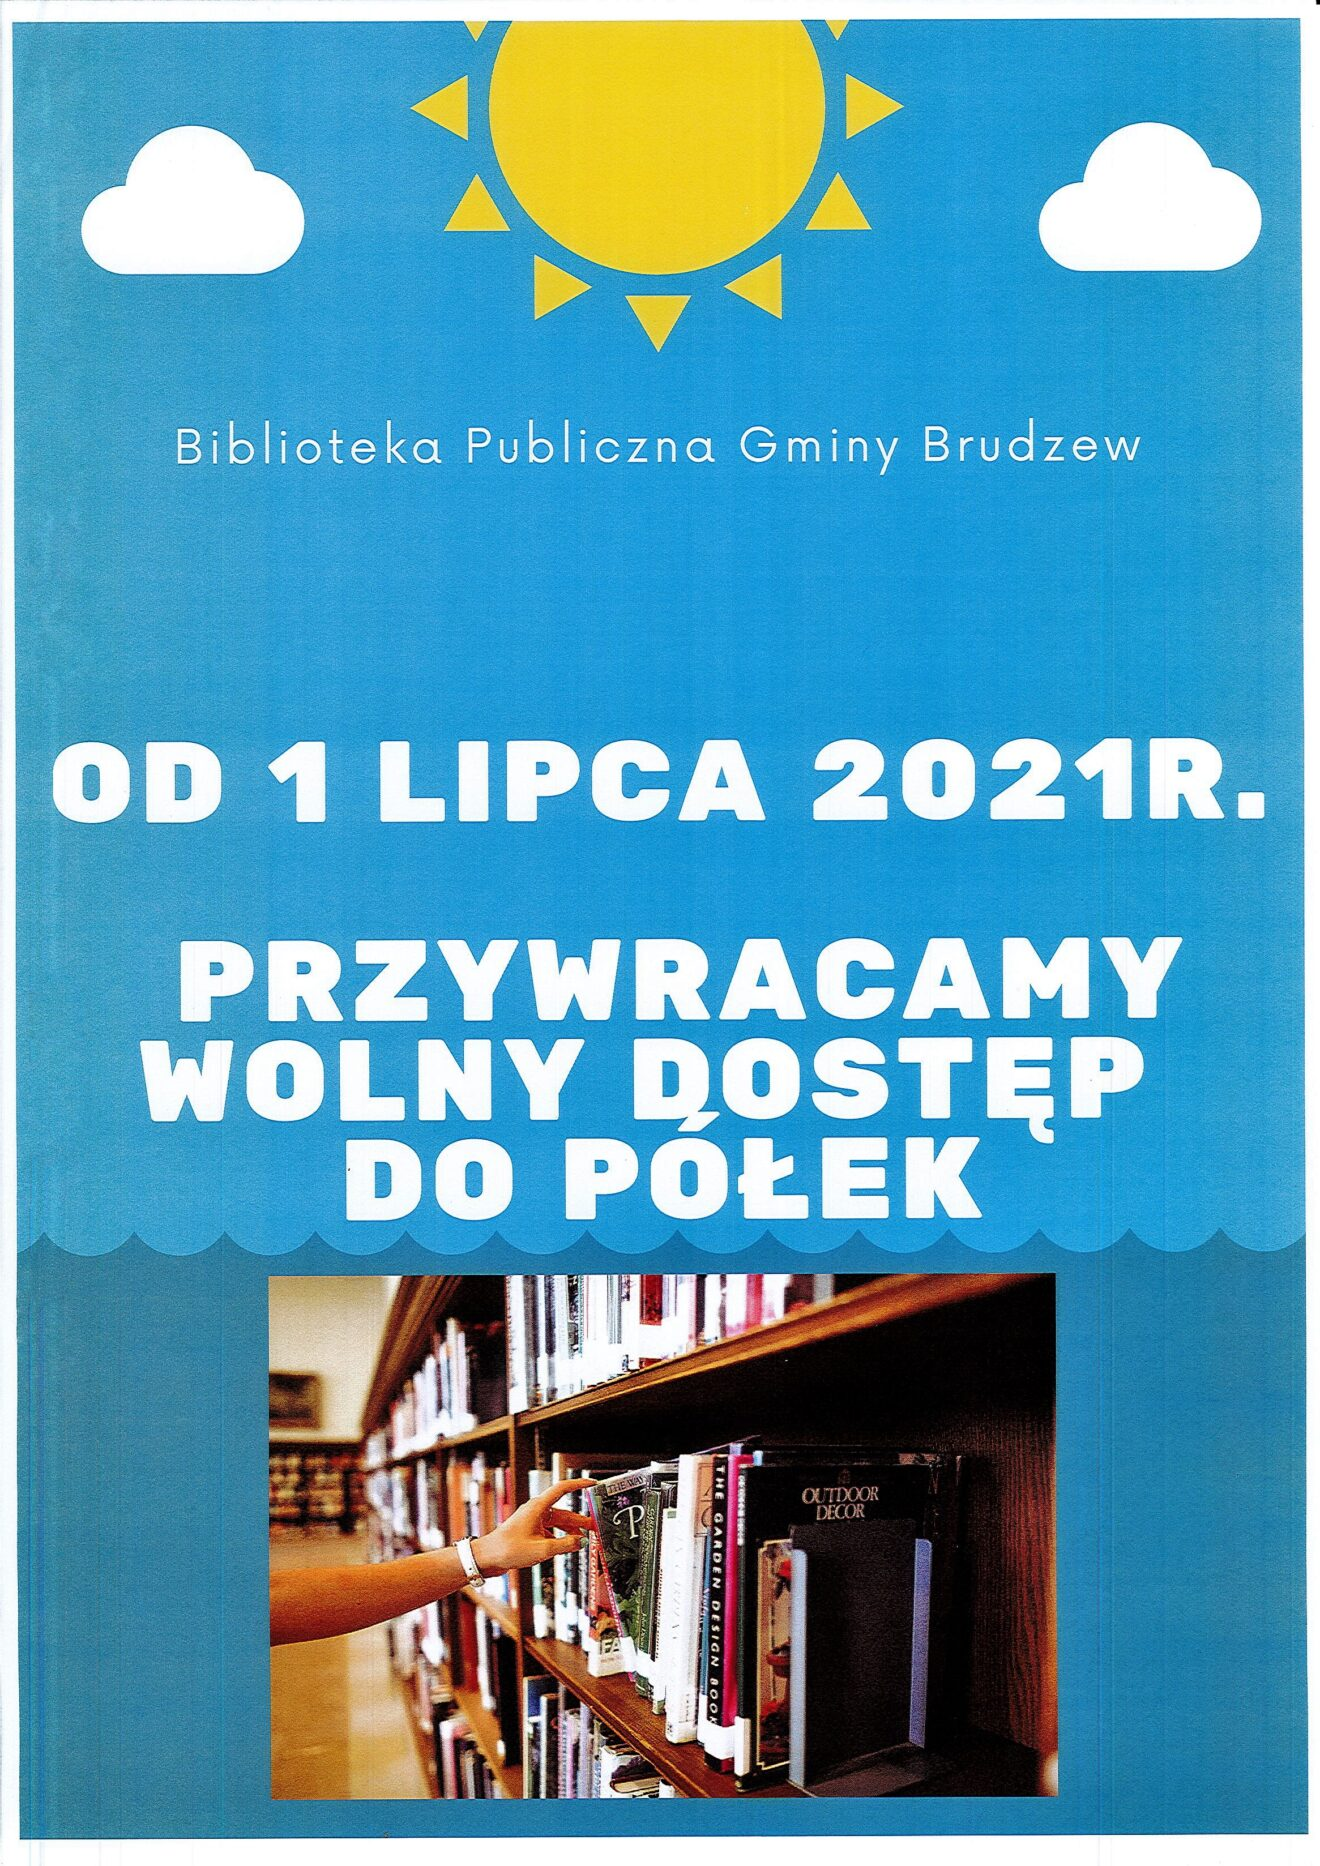 niebieskie tło, zdjęcie książek na półce